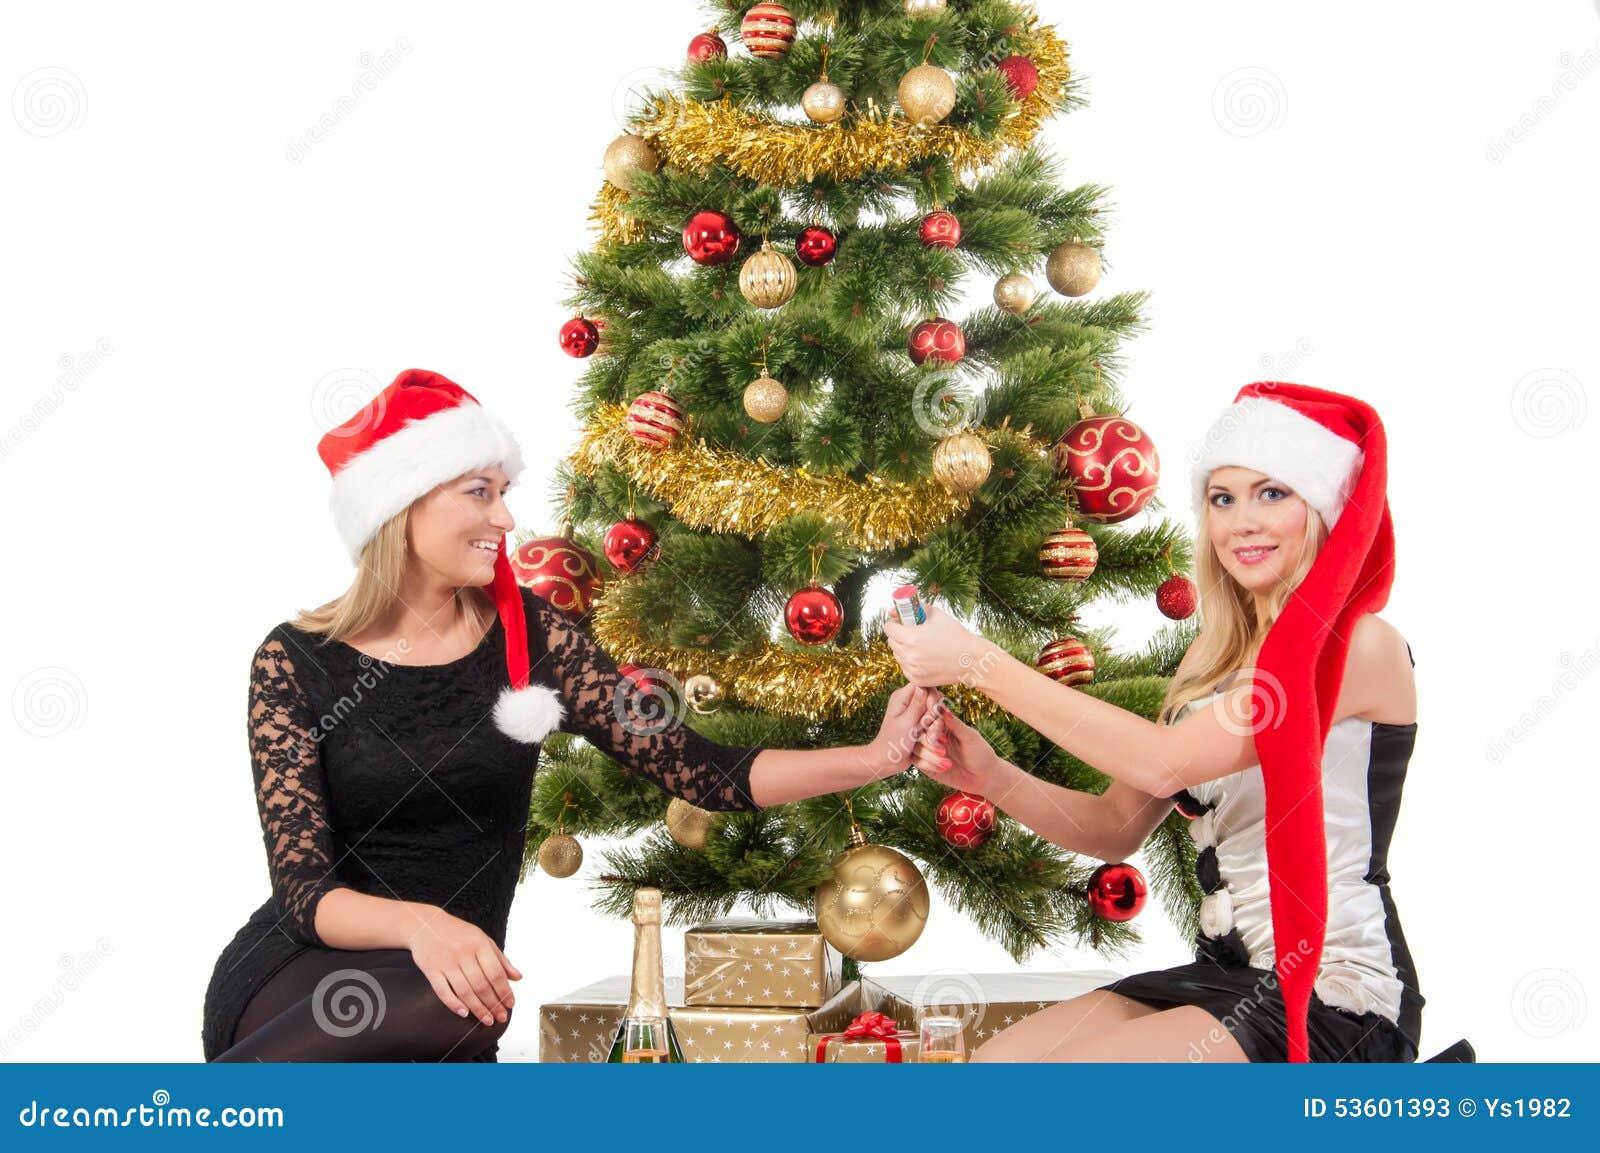 Foto Di Natale Con Donne.Belle Donne Sorridenti Bionde Con L Albero Di Natale